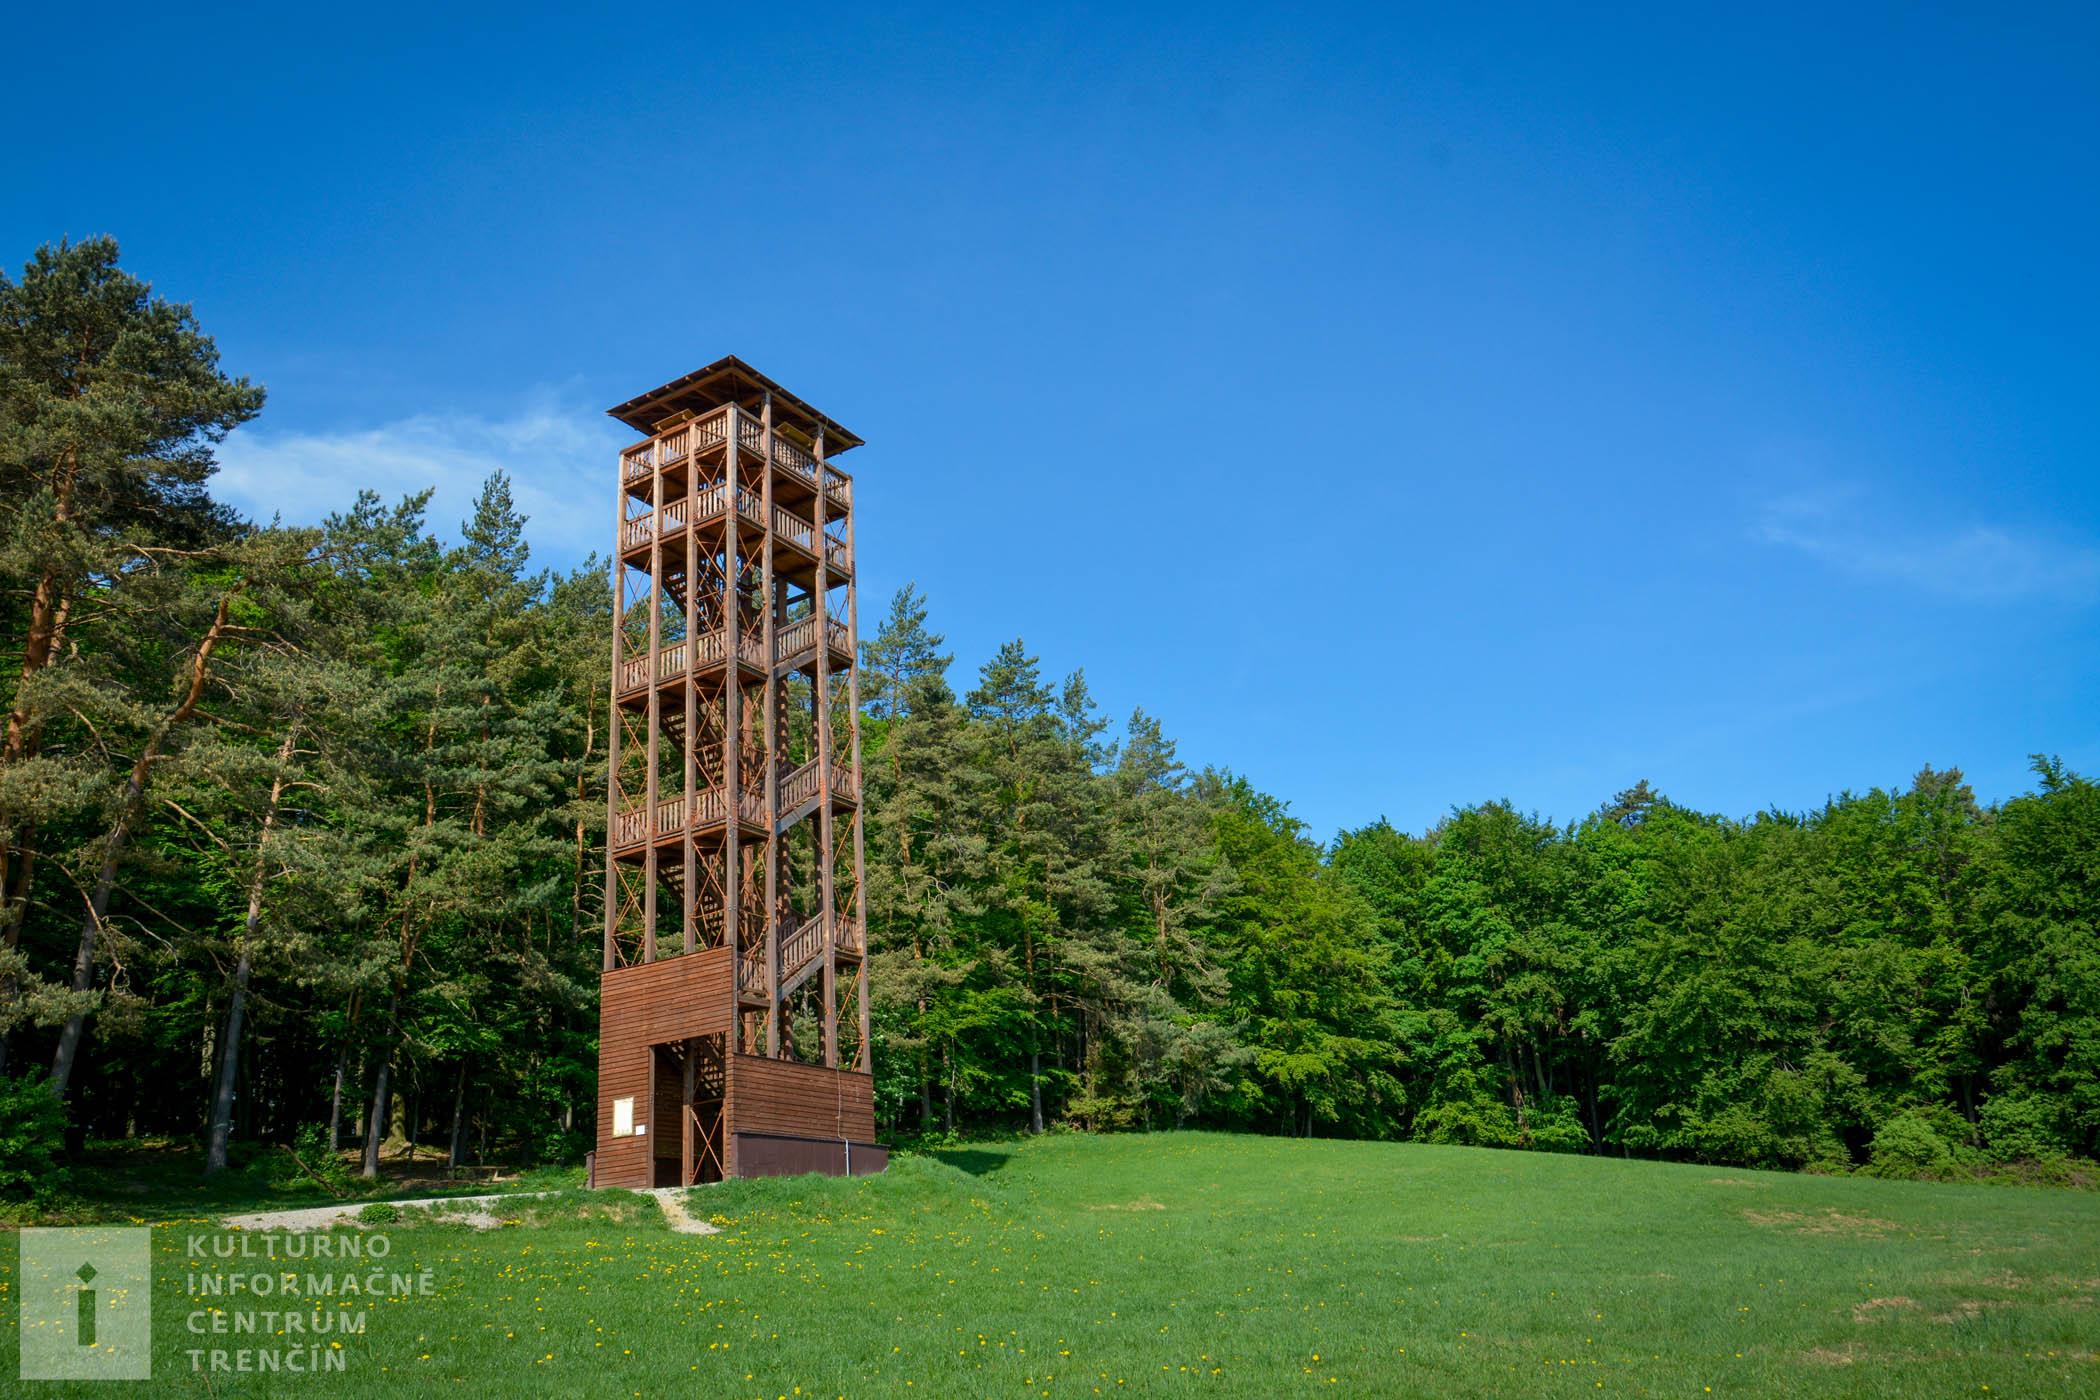 Rozhľadňa Malý Jelenec/Lookout Tower Malý Jelenec